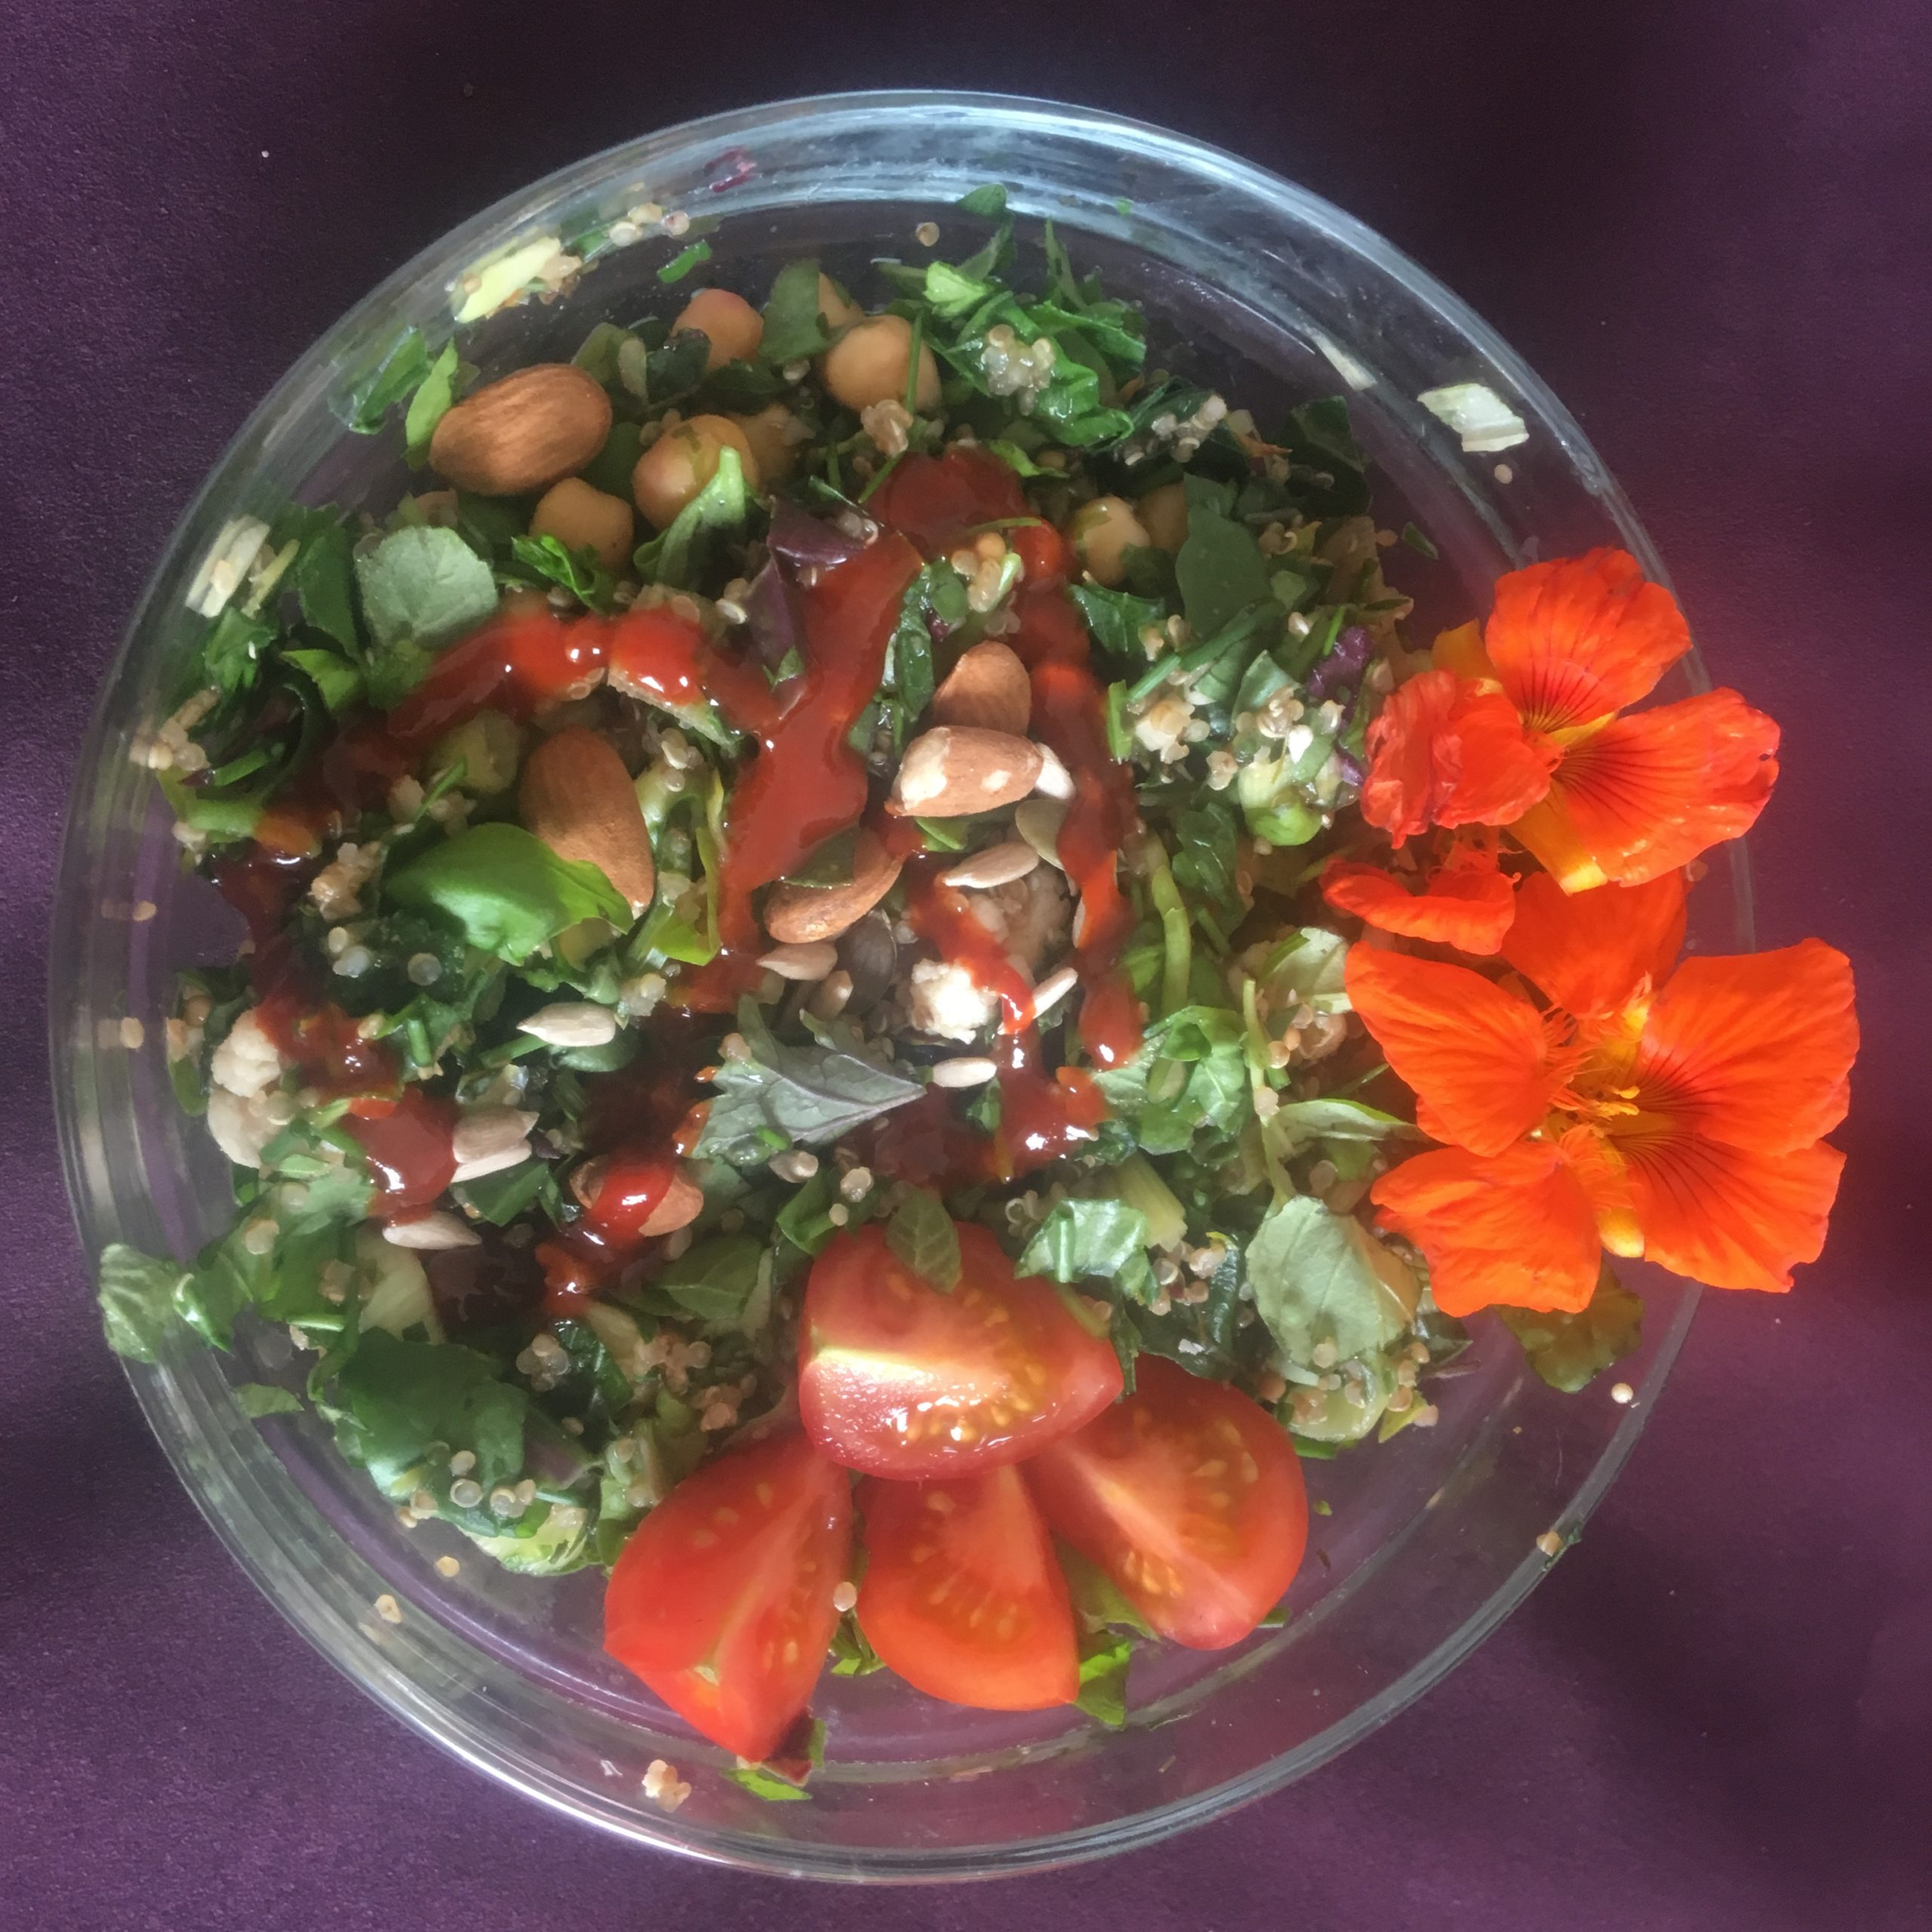 Couscous-Salad mit Tomaten, essbaren Blüten und Kräutern vom Balkon und aus dem Wohnzimmer